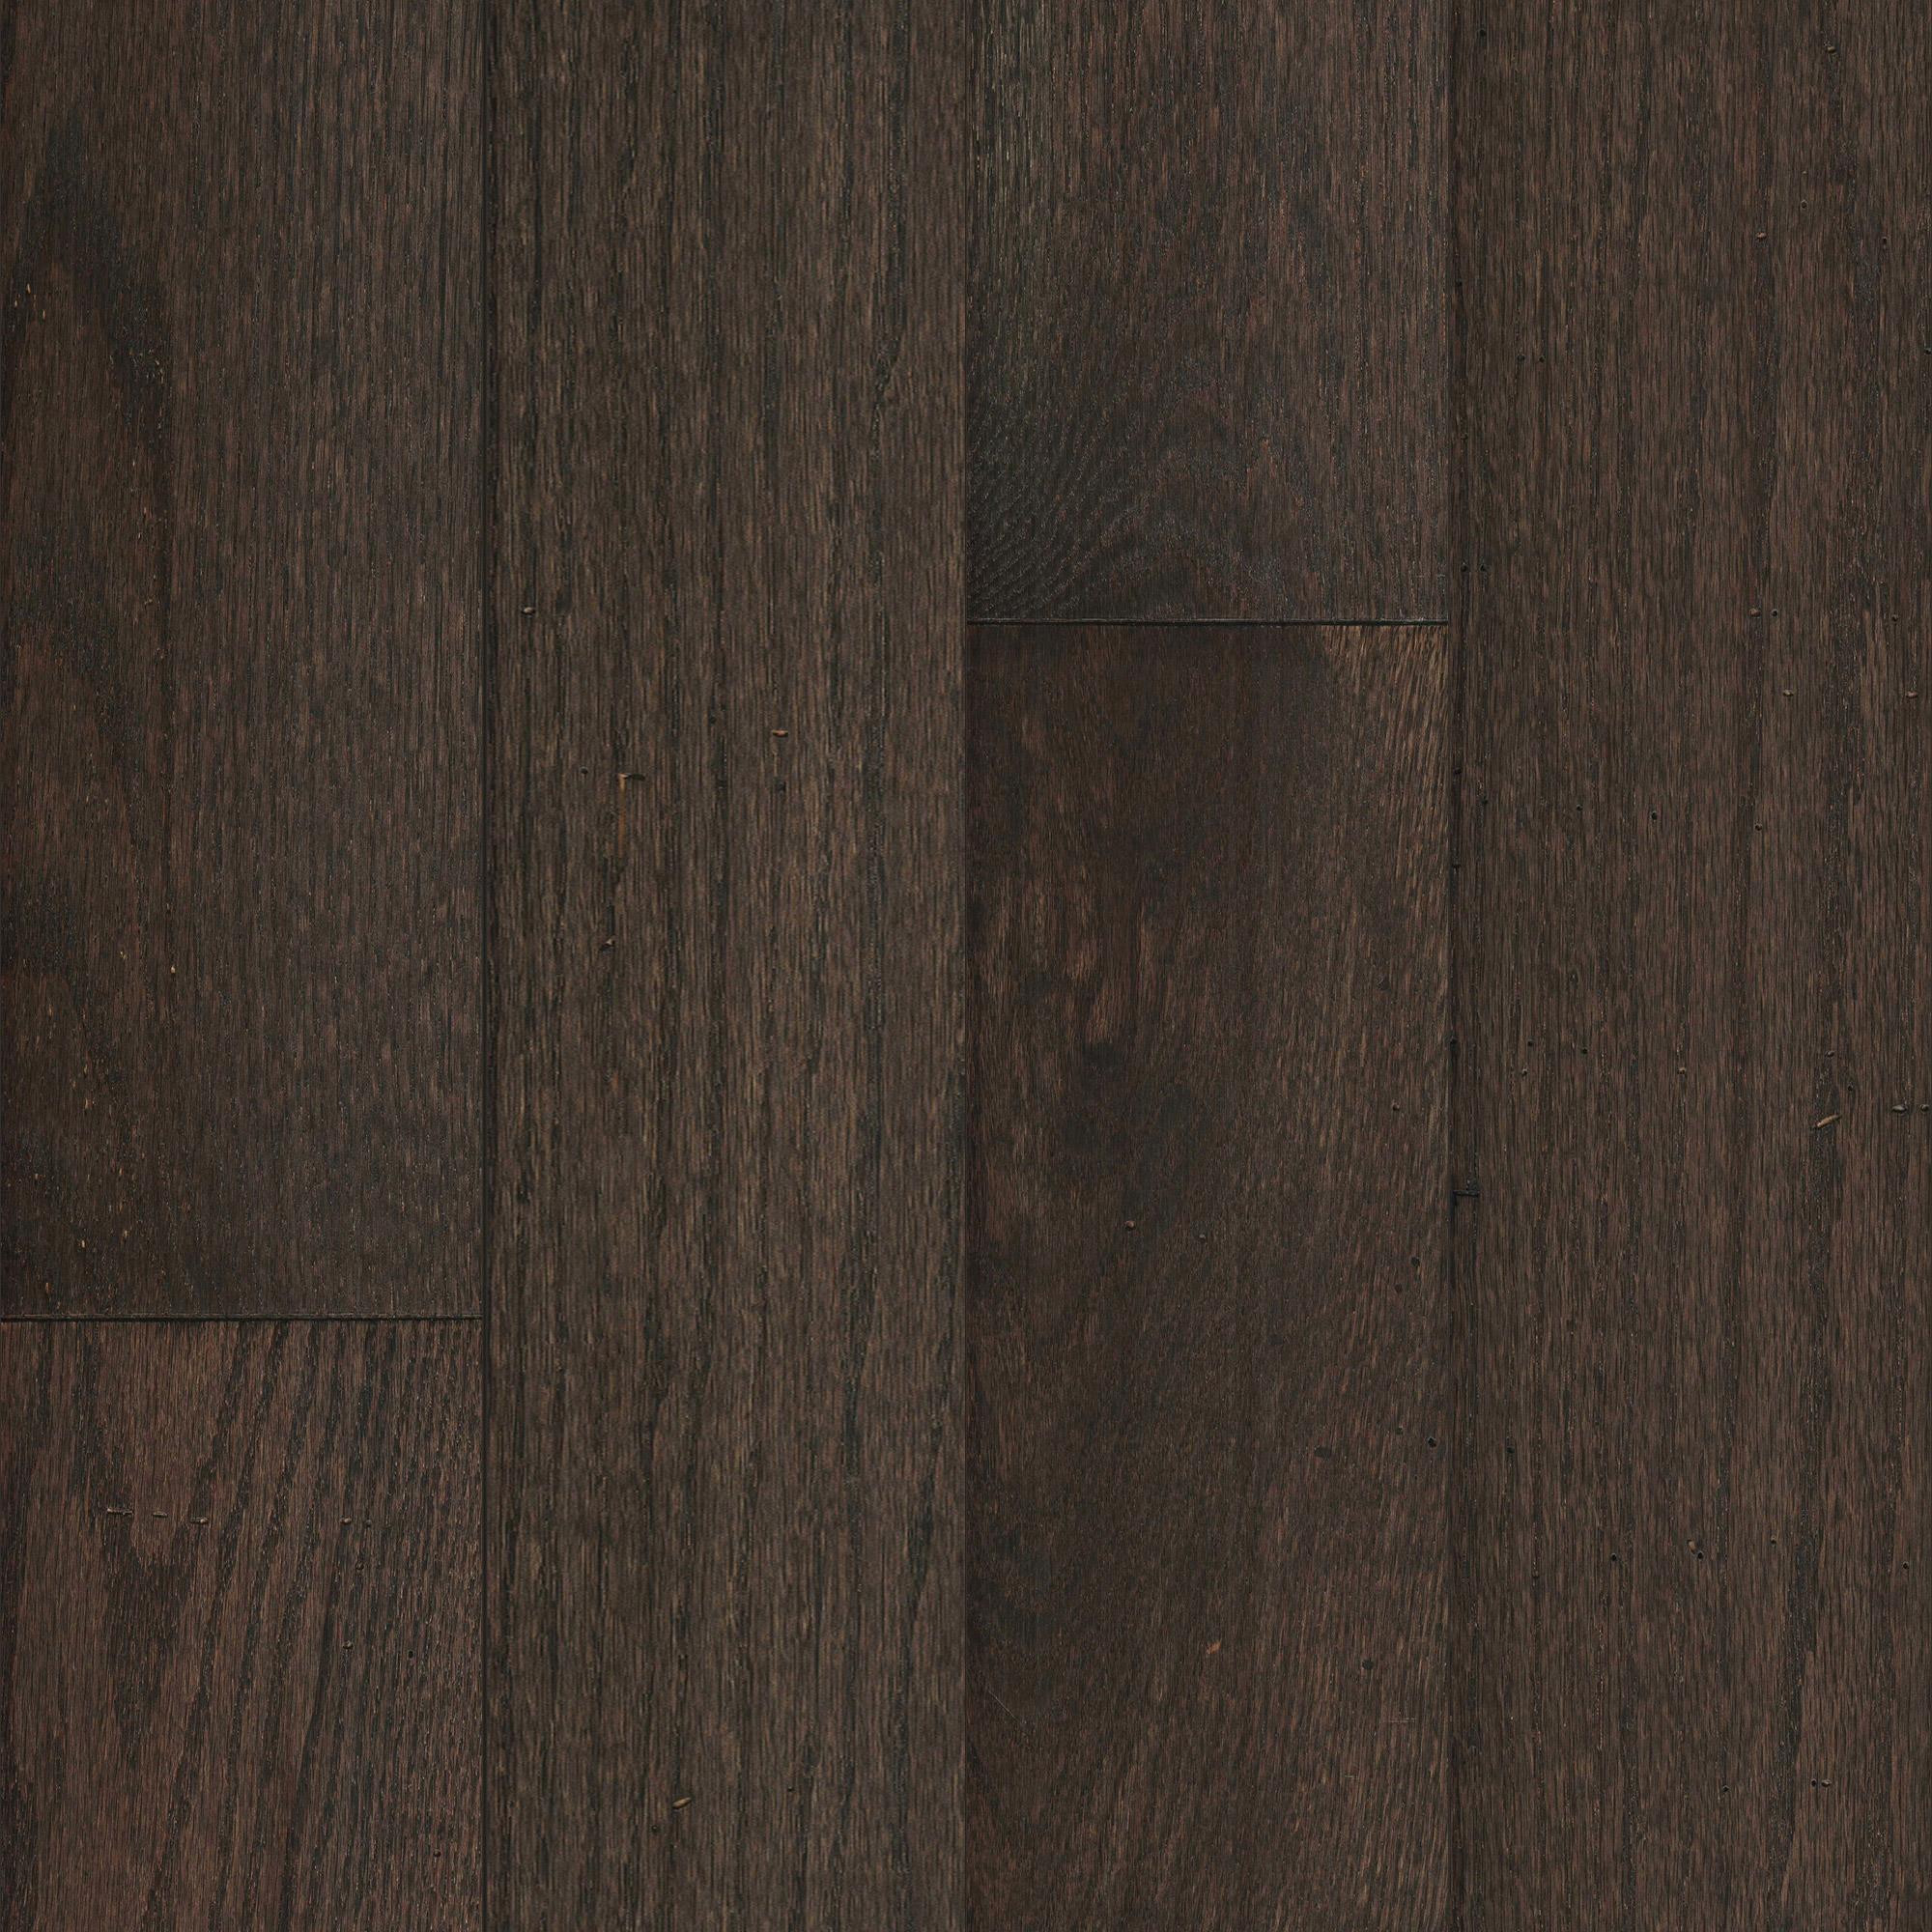 4 inch oak hardwood flooring of mullican muirfield oak granite 5 wide solid hardwood flooring for file 447 15